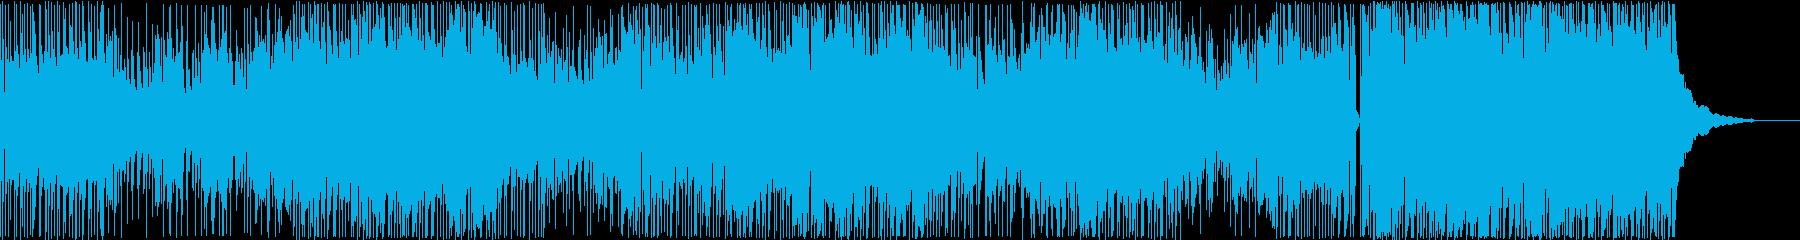 男性ボーカルの滑らかなグルーヴ。ボ...の再生済みの波形